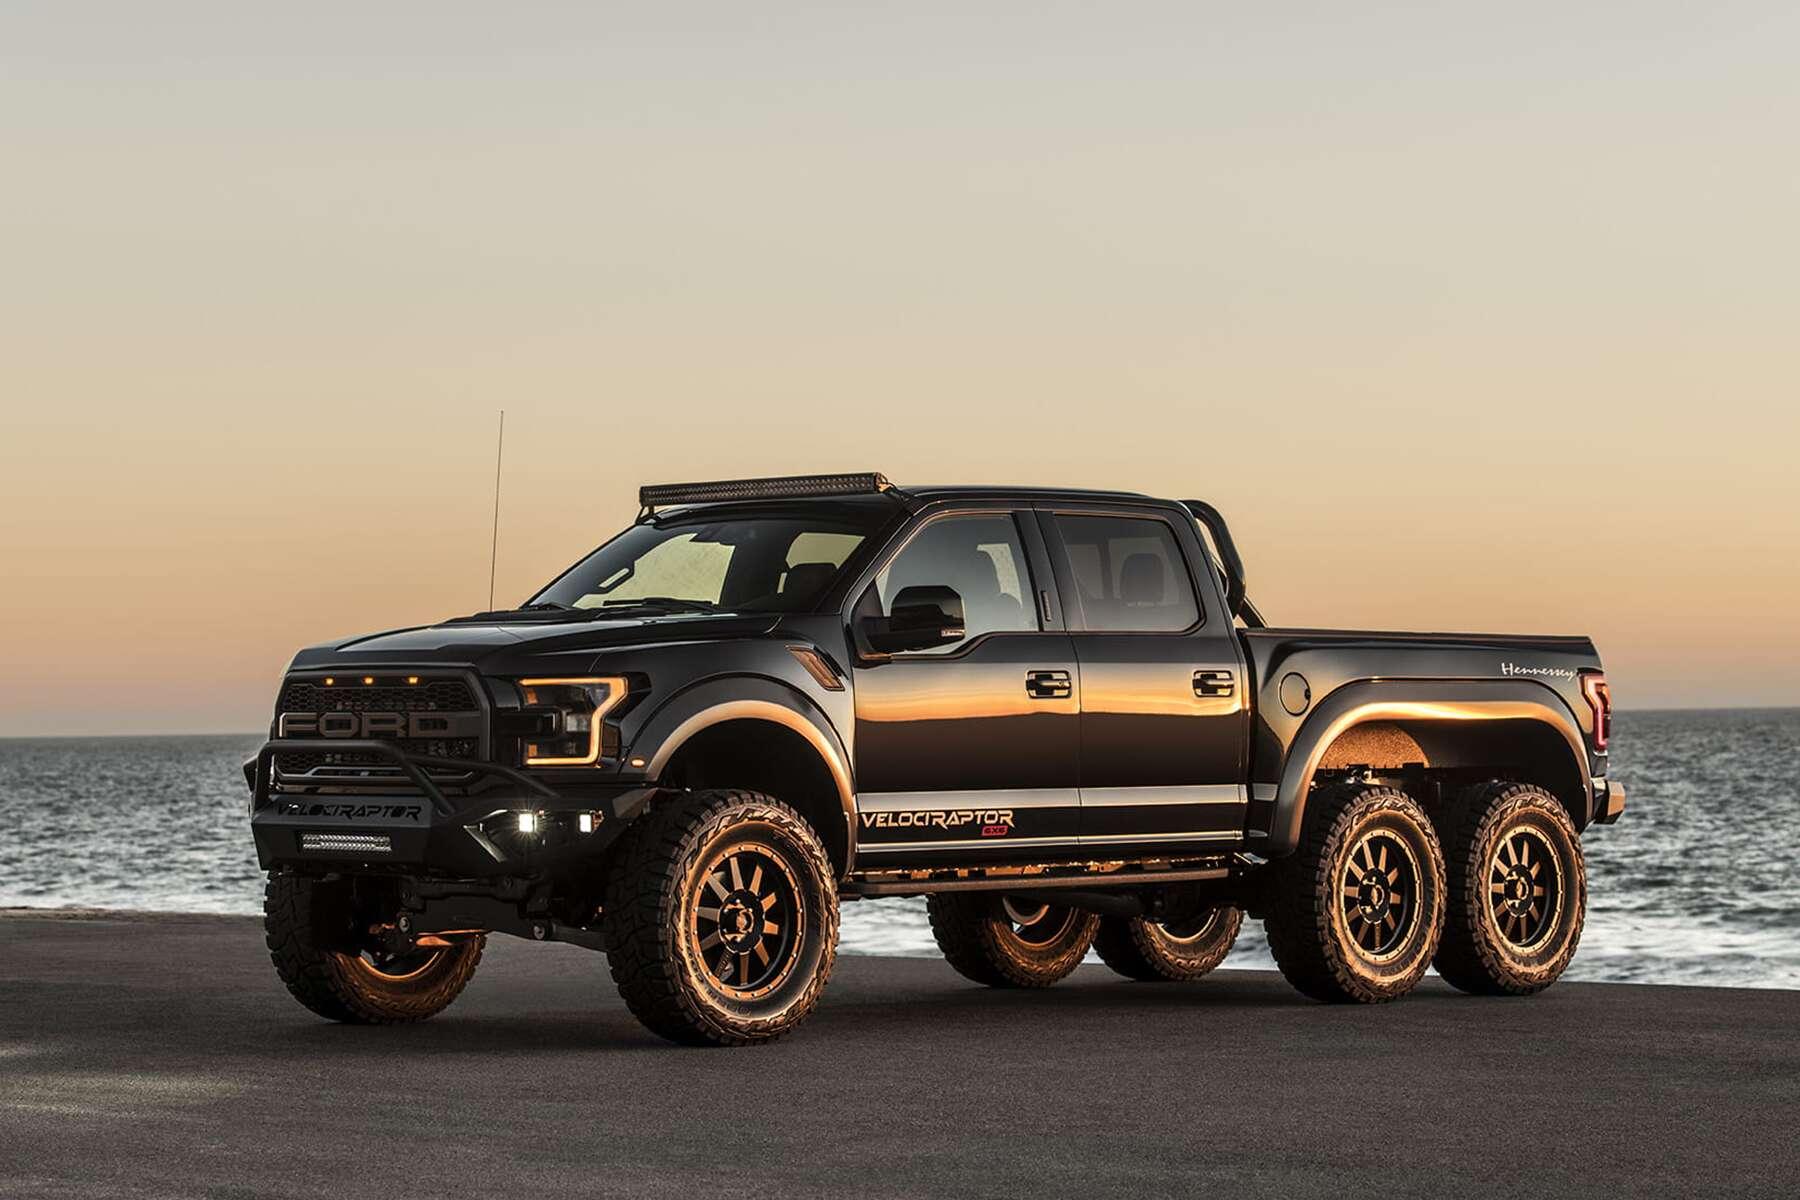 Ford Raptor 6x6